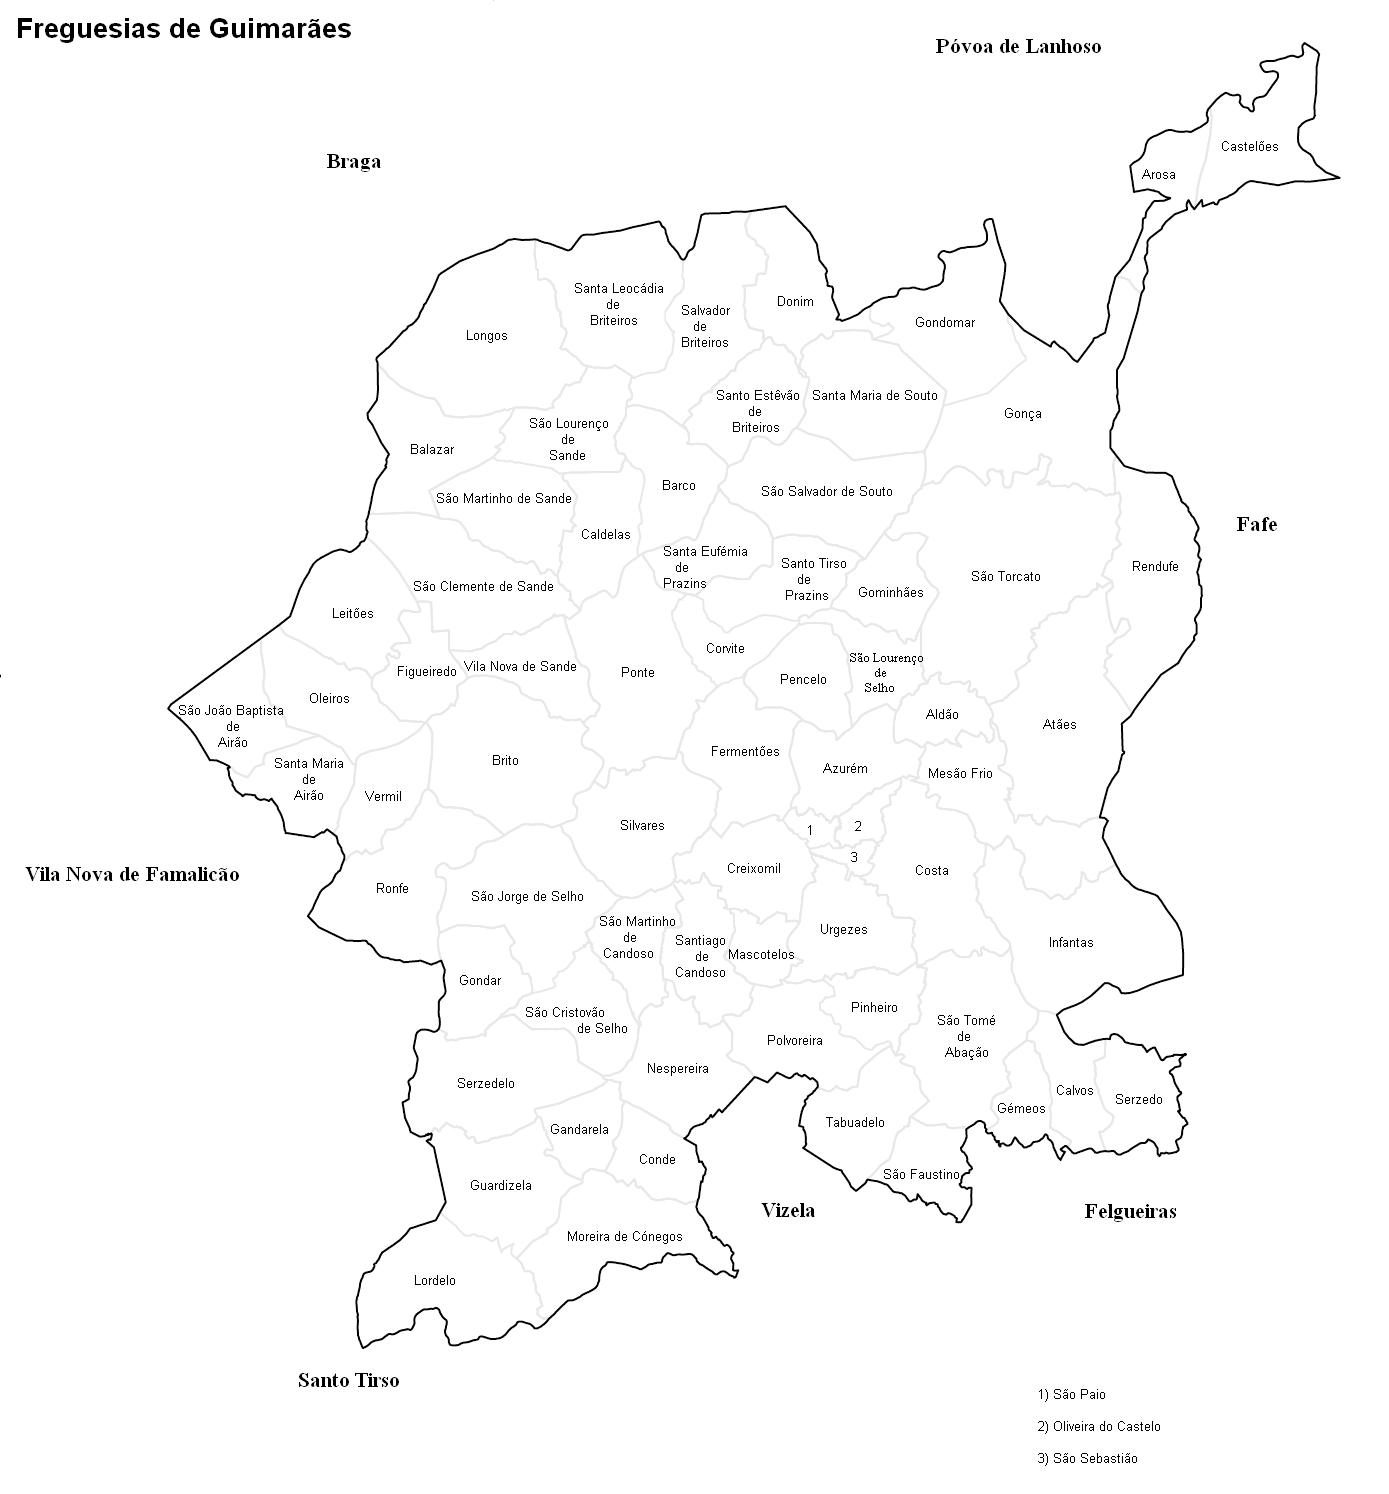 mapa de guimarães freguesias File:GMR mapa freguesias.PNG   Wikimedia Commons mapa de guimarães freguesias